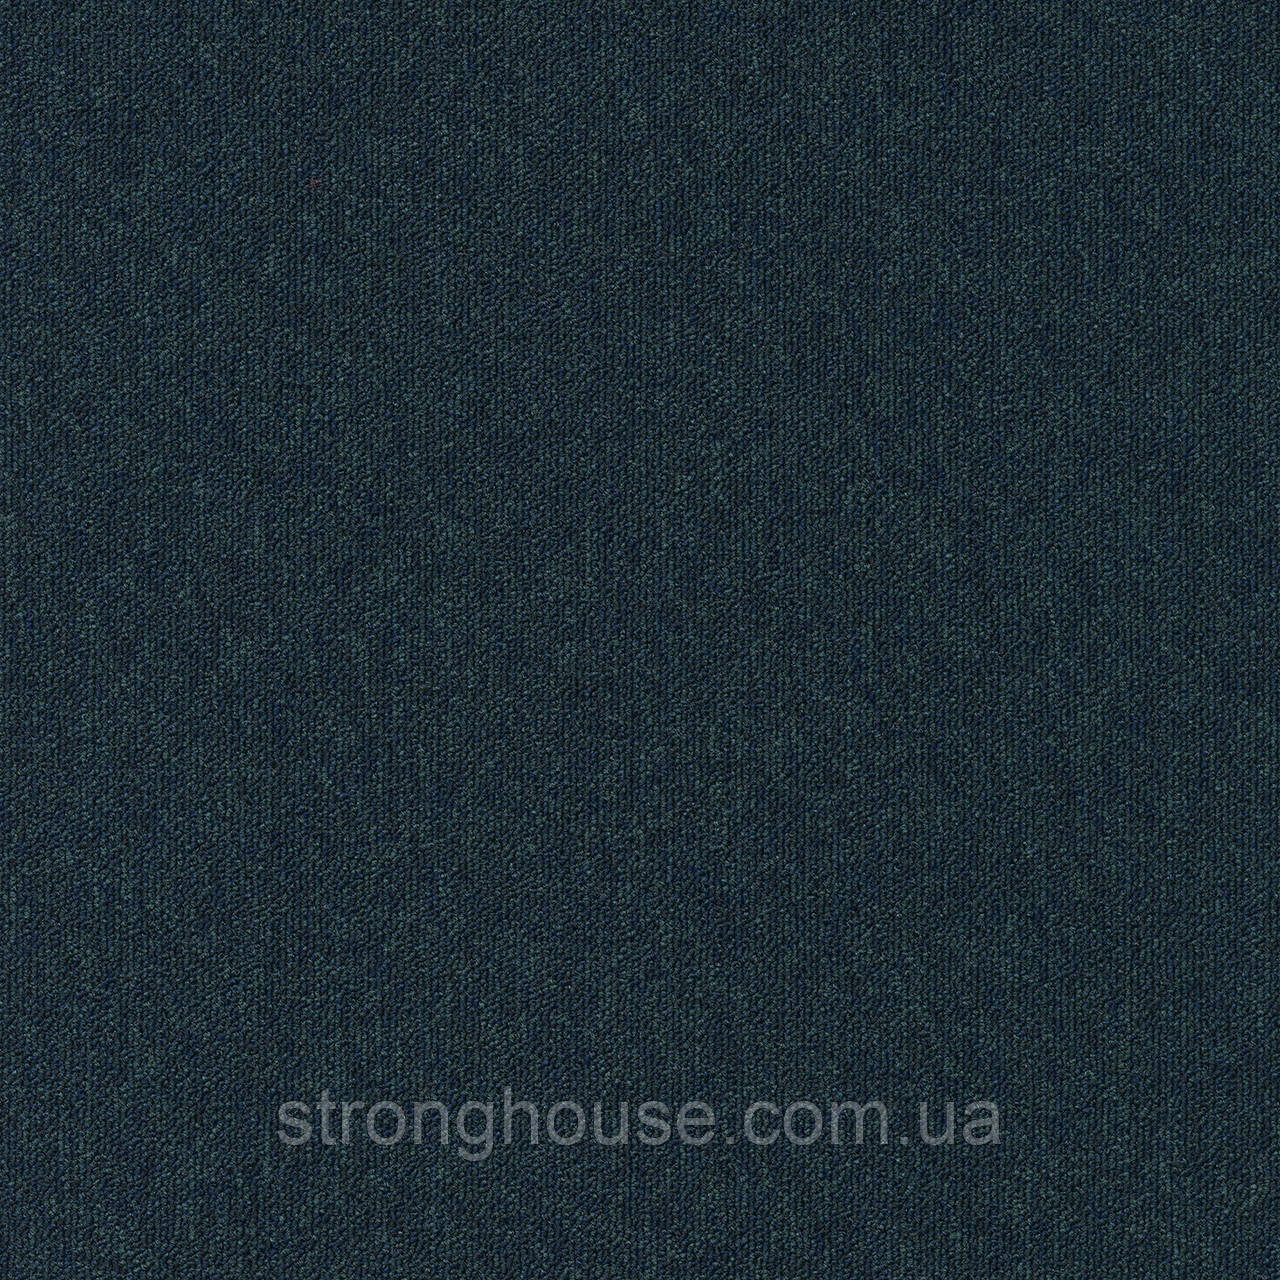 Domo Modulyss Alpha 552 Ковровая плитка Альфа 552